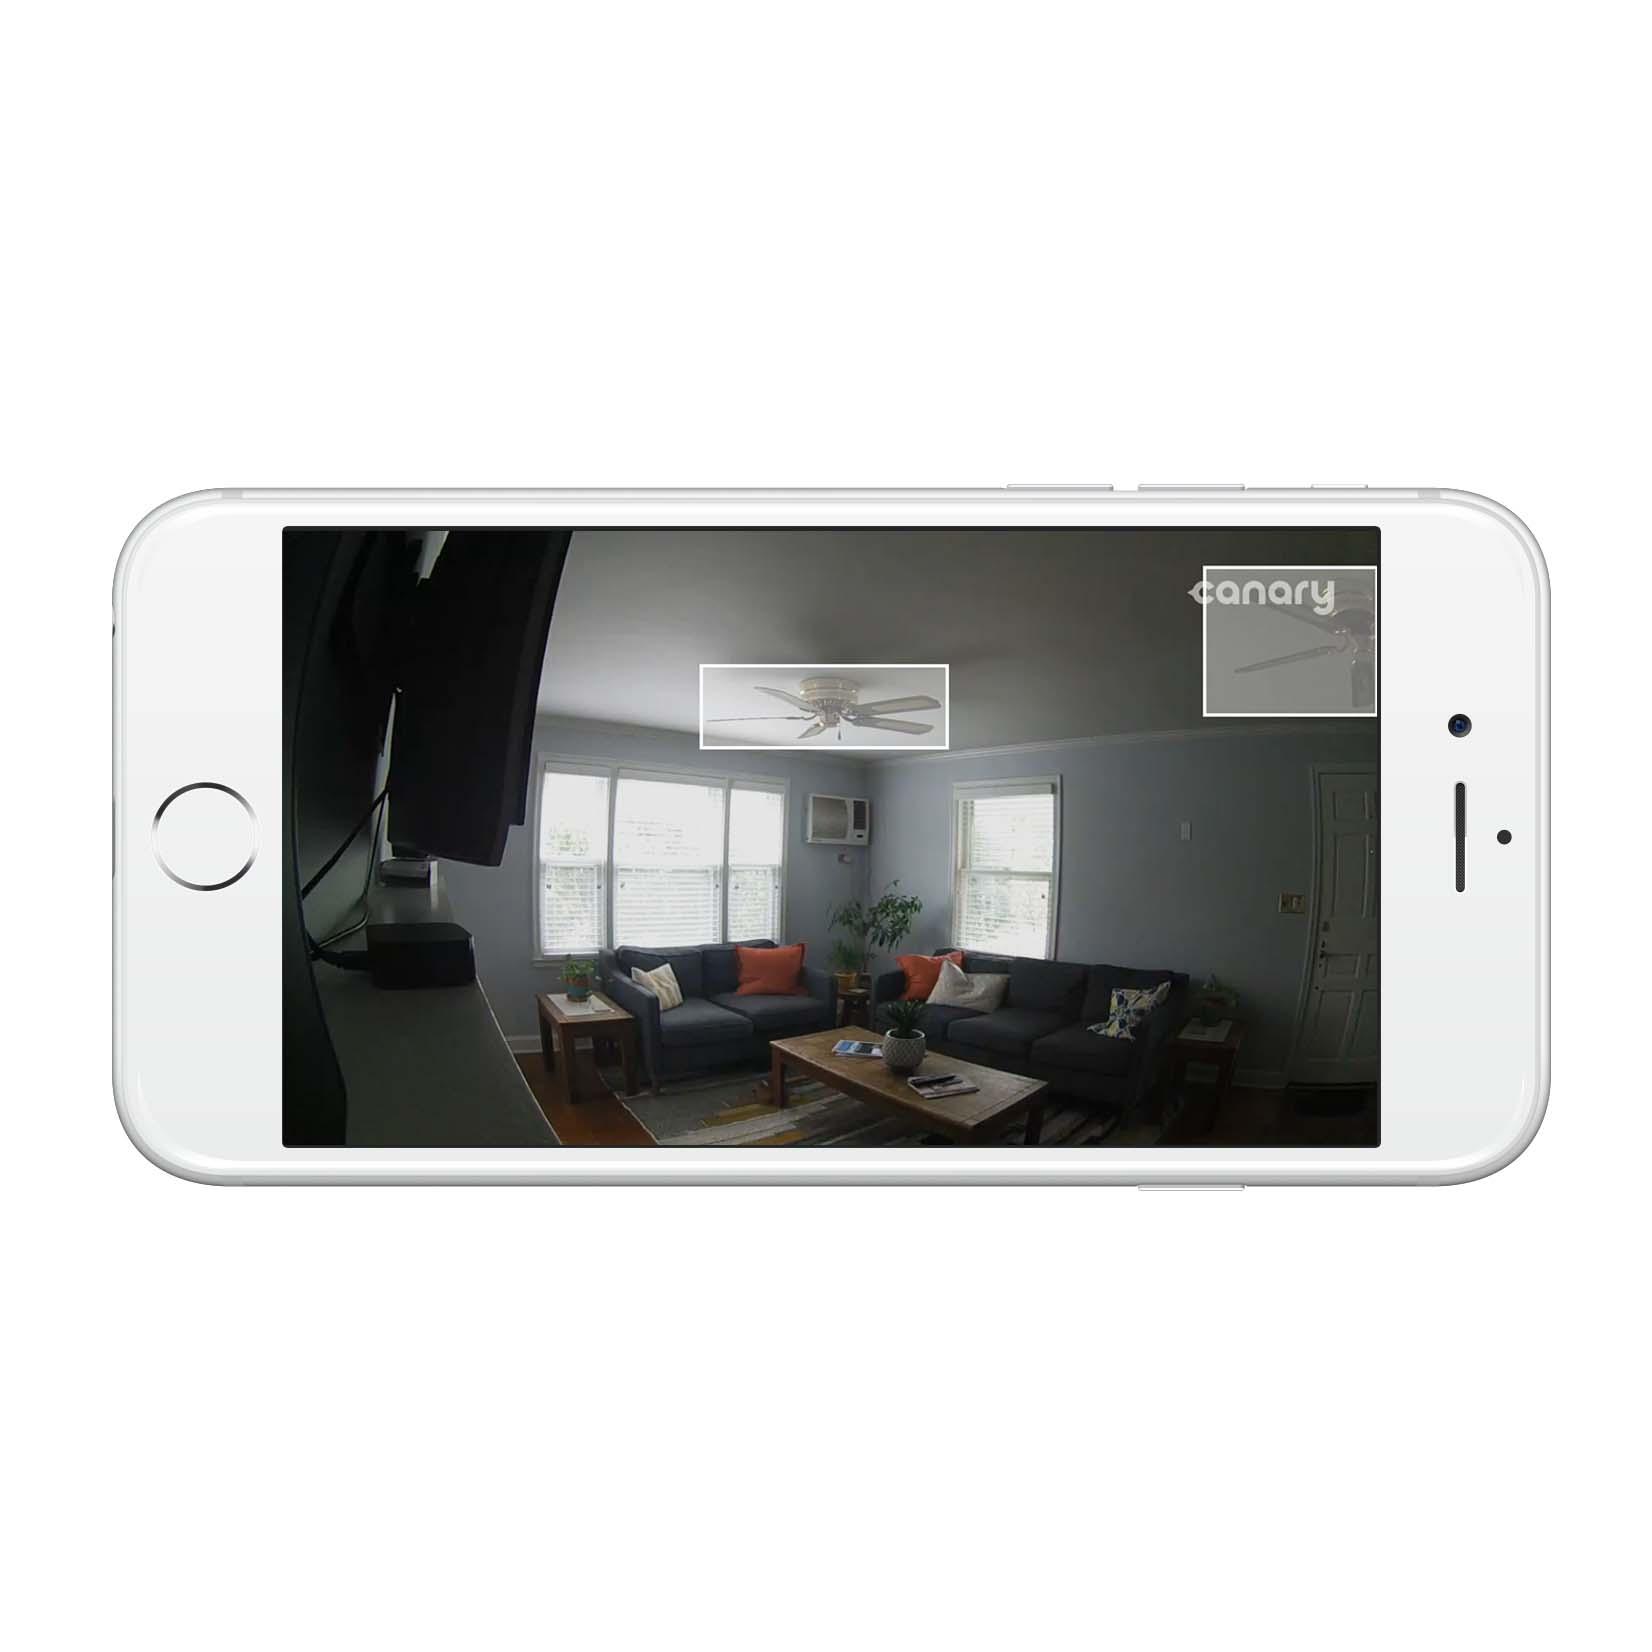 Canary App 2.5.0